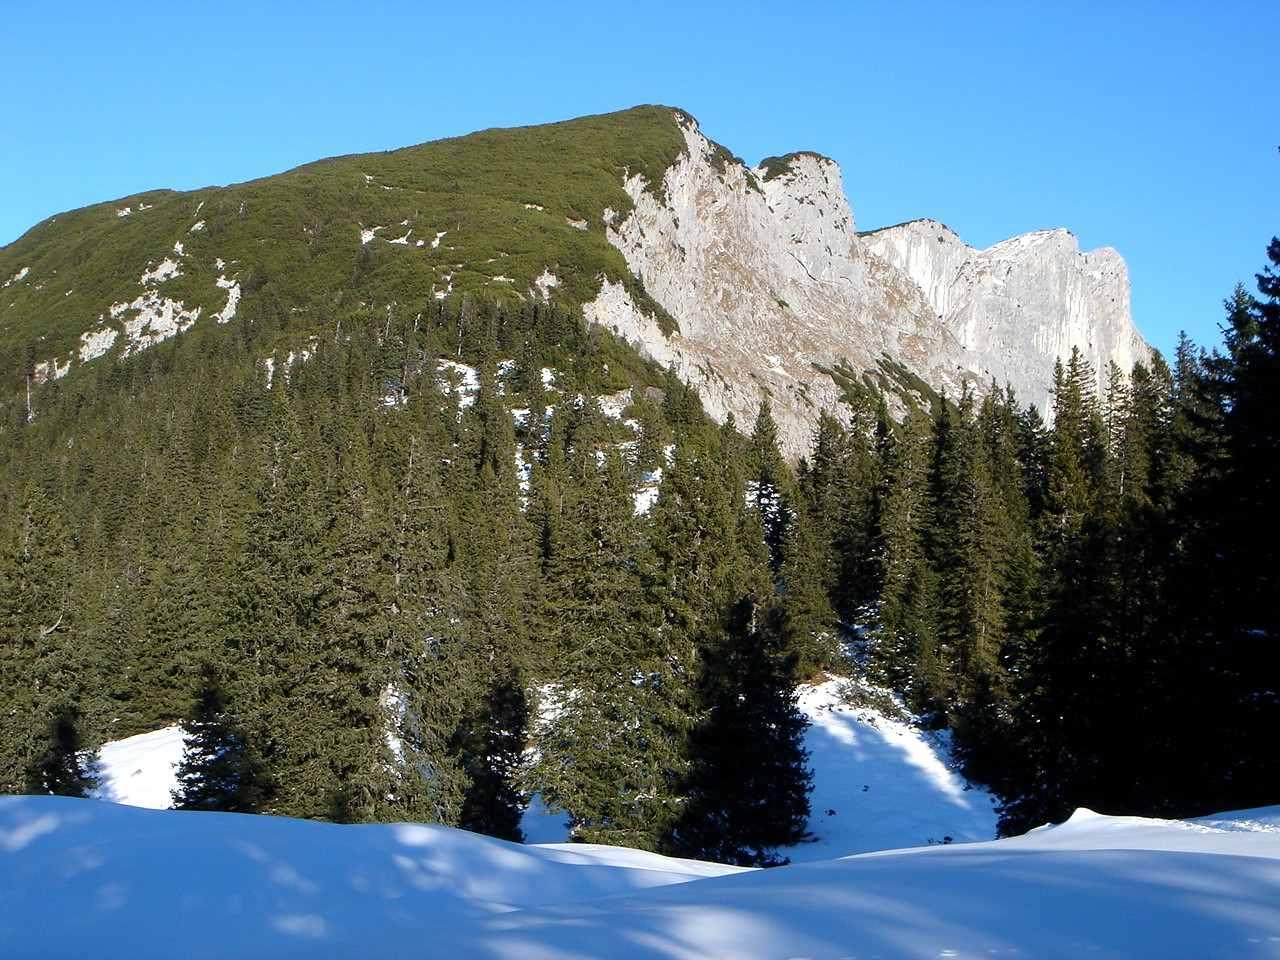 Foto: Manfred Karl / Wander Tour / Von Bischofswiesen auf den Berchtesgadener Hochthron / Wenig Schnee beim Aufstieg von Bischofswiesen. / 17.05.2007 21:01:27